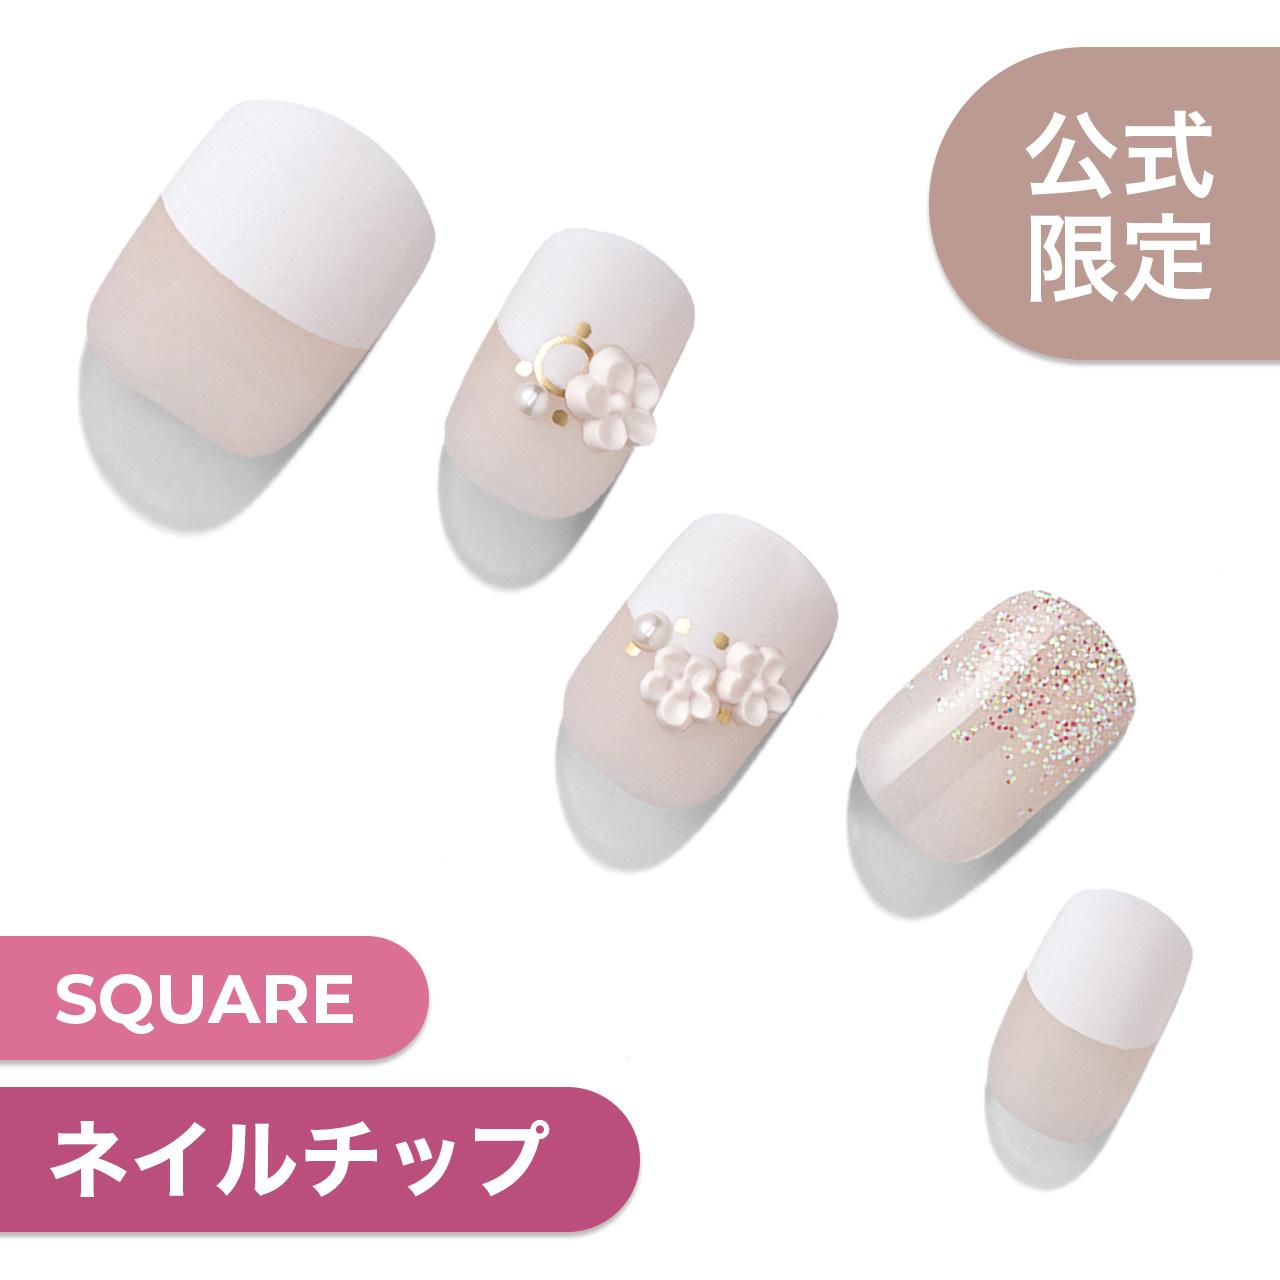 【公式限定】ダッシングディバマジックプレス【MJP104】White Bouquet